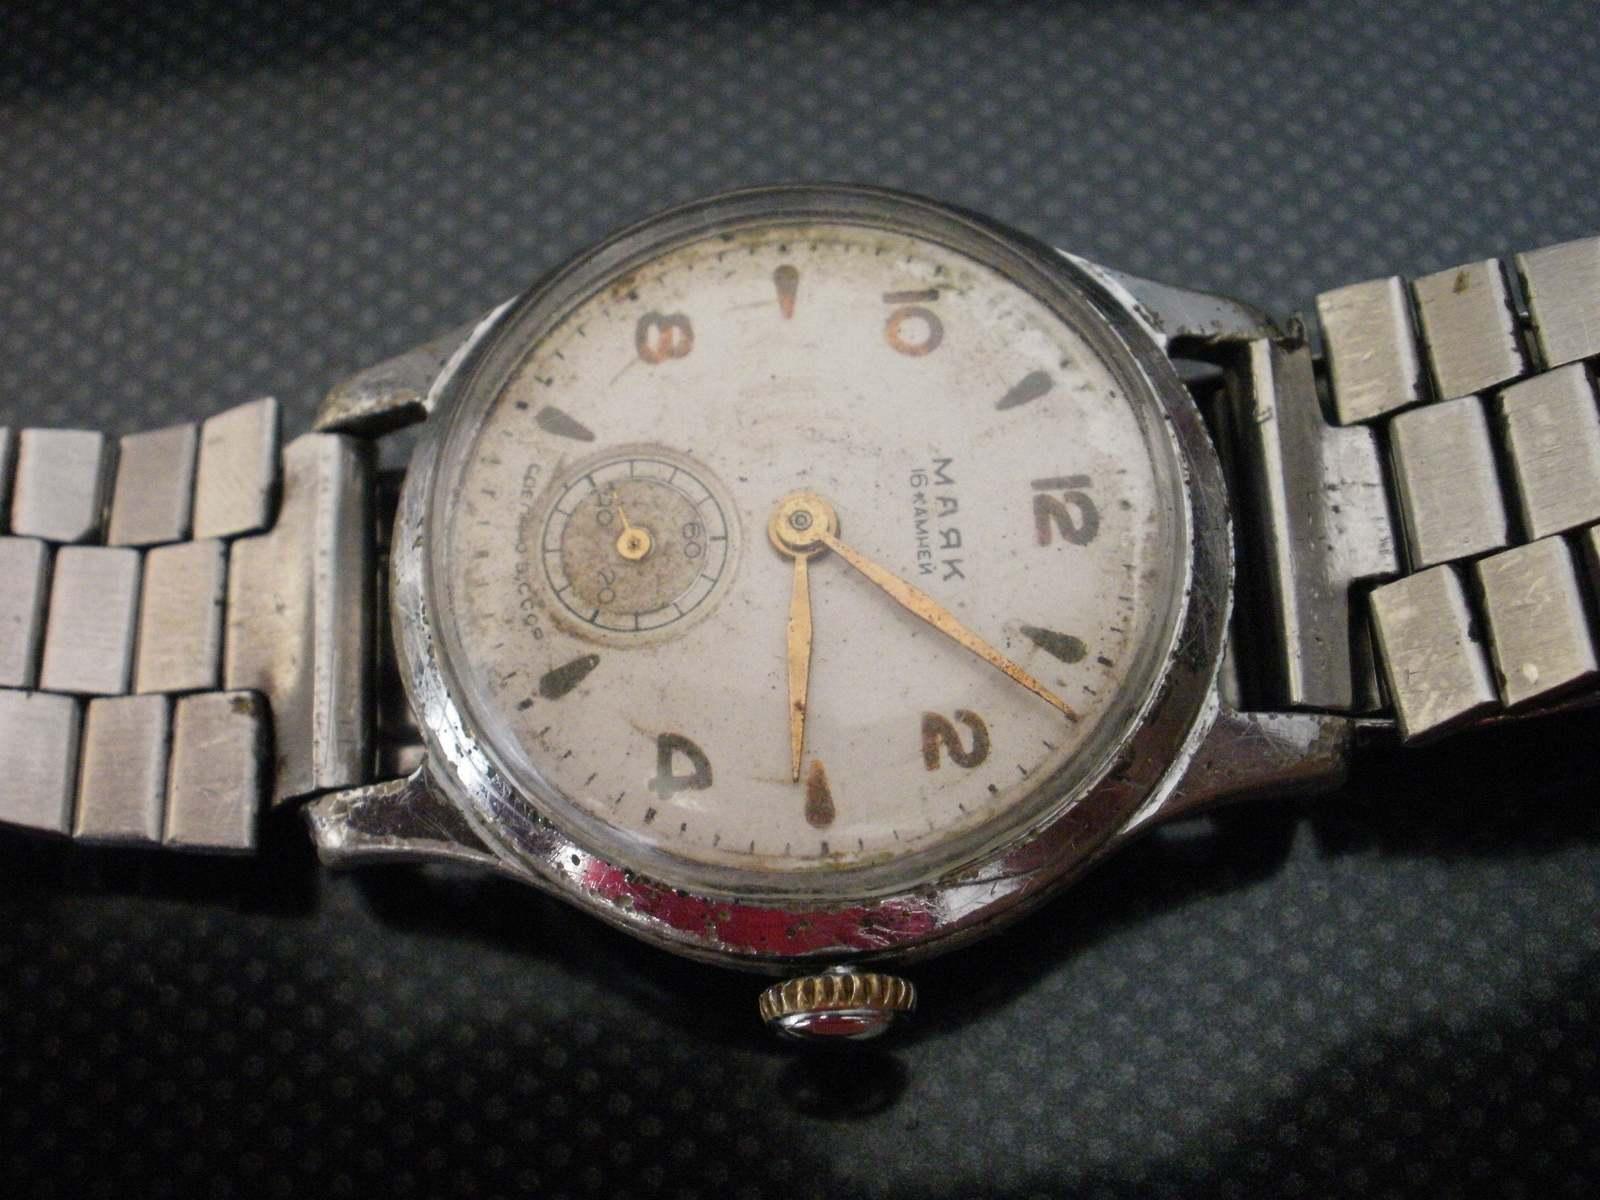 Vintage Majak watch Mayak 1MCHZwatch USSR soviet vintage gift